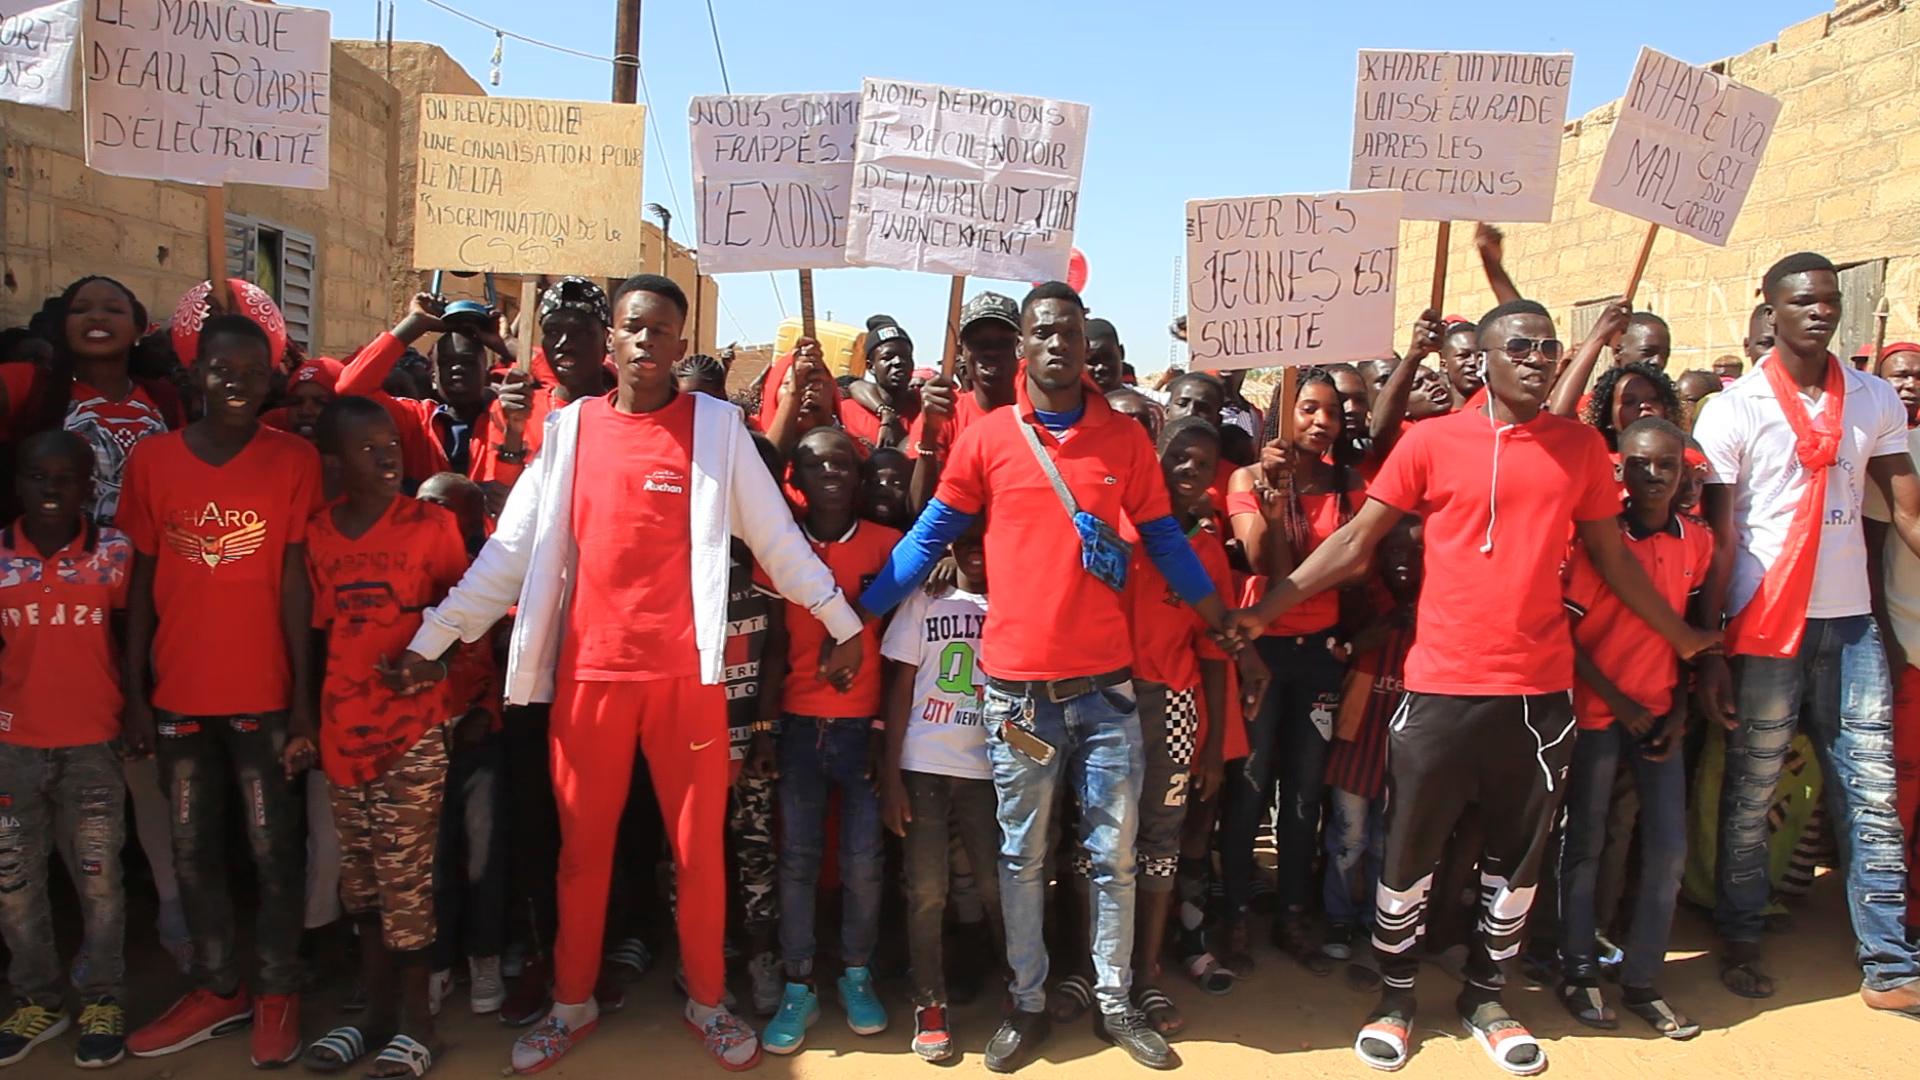 Village de Kharé dans le Walo : Les populations ont marché pour dénoncer les difficiles conditions d'existence dans leur localité